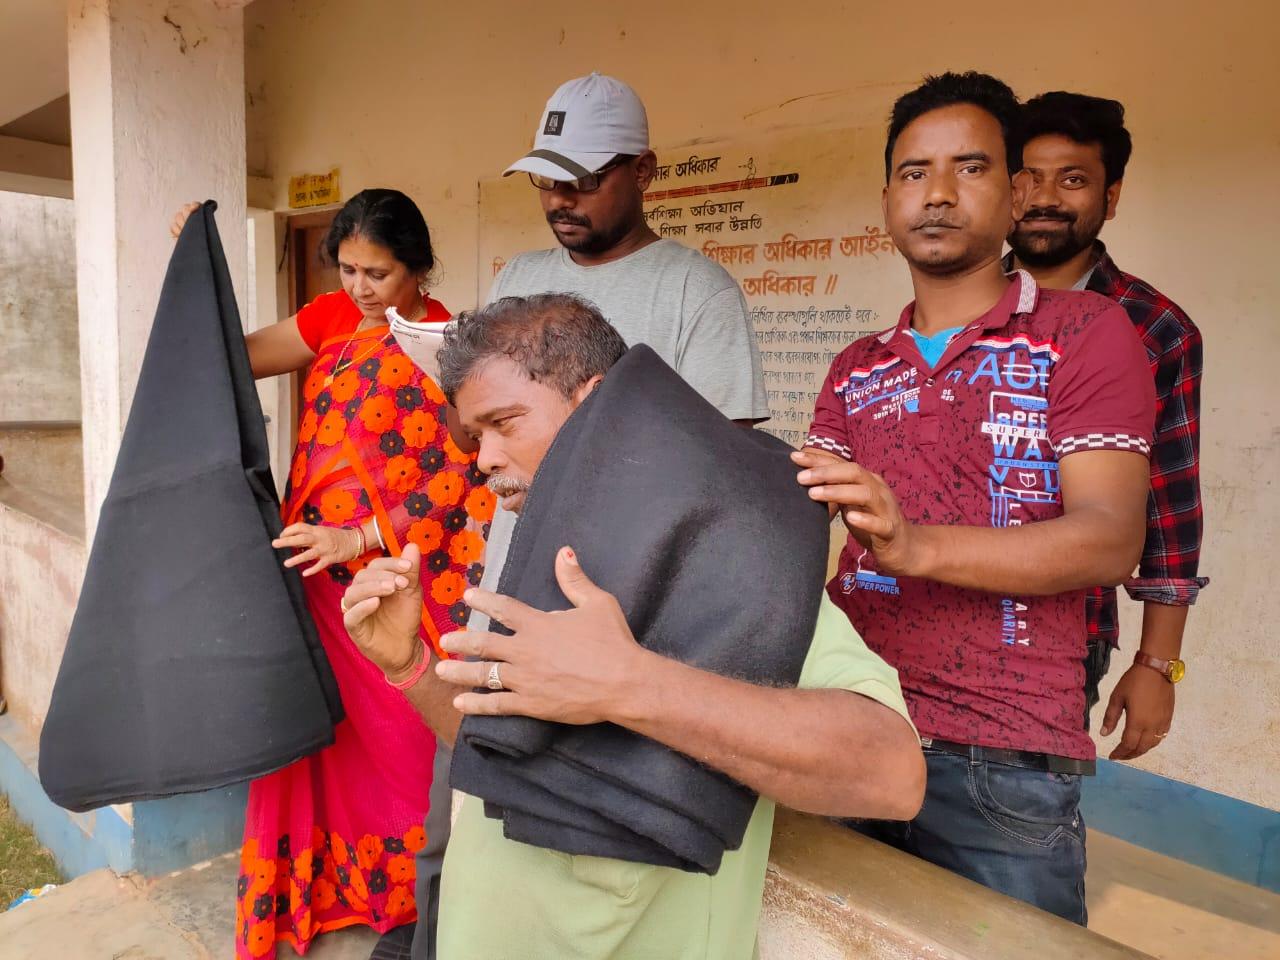 শালবনি ব্লকের পীরচক ও বুড়িশোল গ্রাম কিছু সহৃদয় মানুষের ভালবাসার স্পর্শে হয়ে উঠেছিল যেন এক মিলনক্ষেত্র